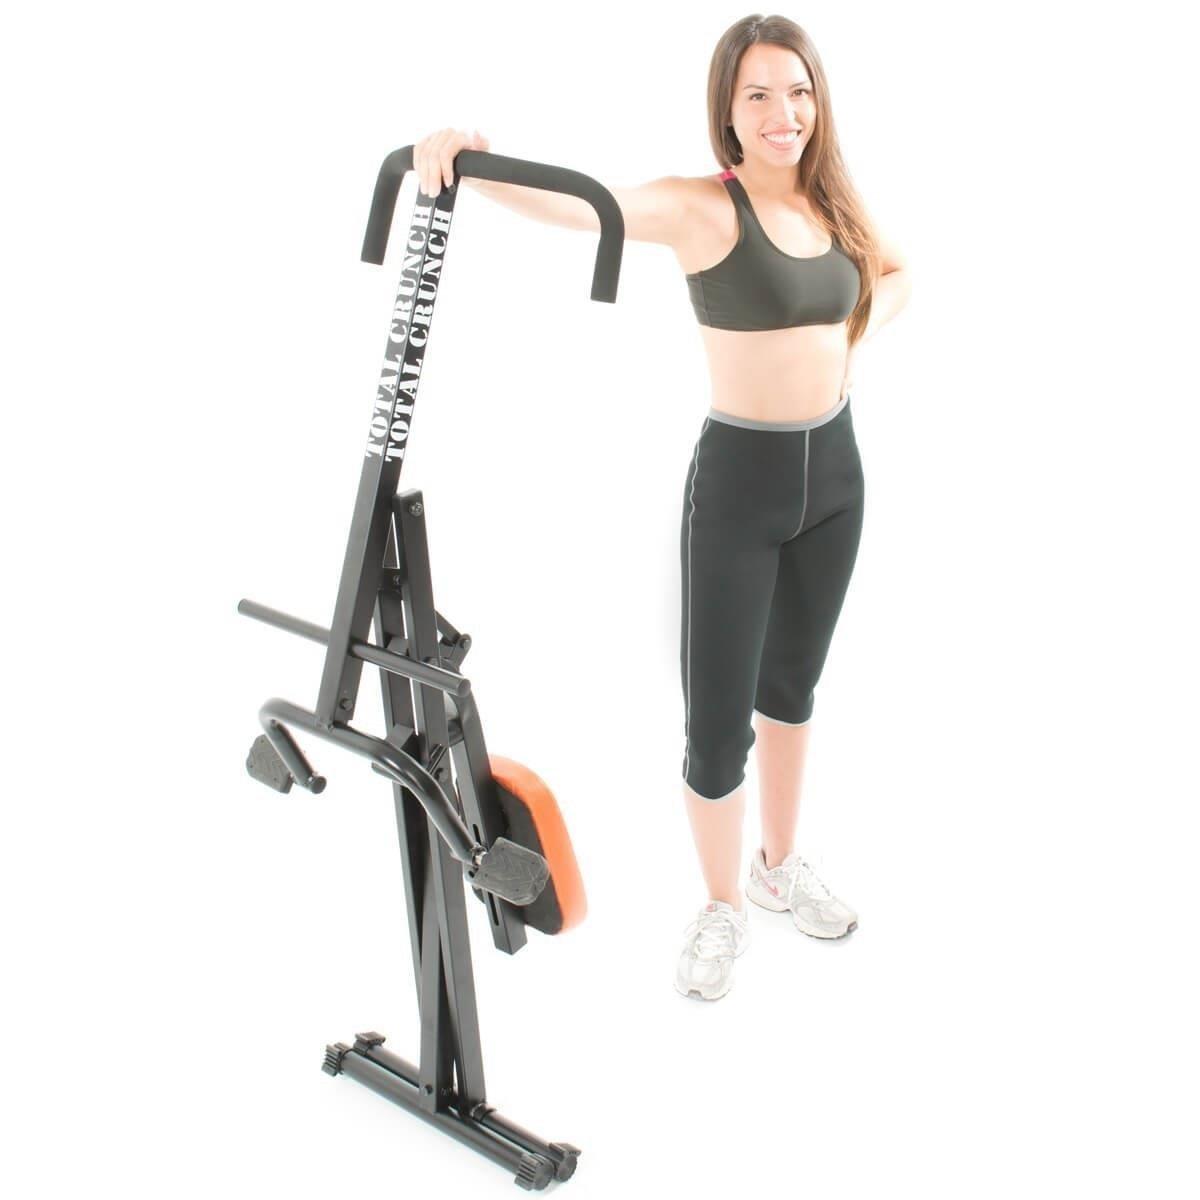 Bestoftv M6 Total Crunch Bauchmuskel Trainer Sport Jetz Iron Gym Freizeit